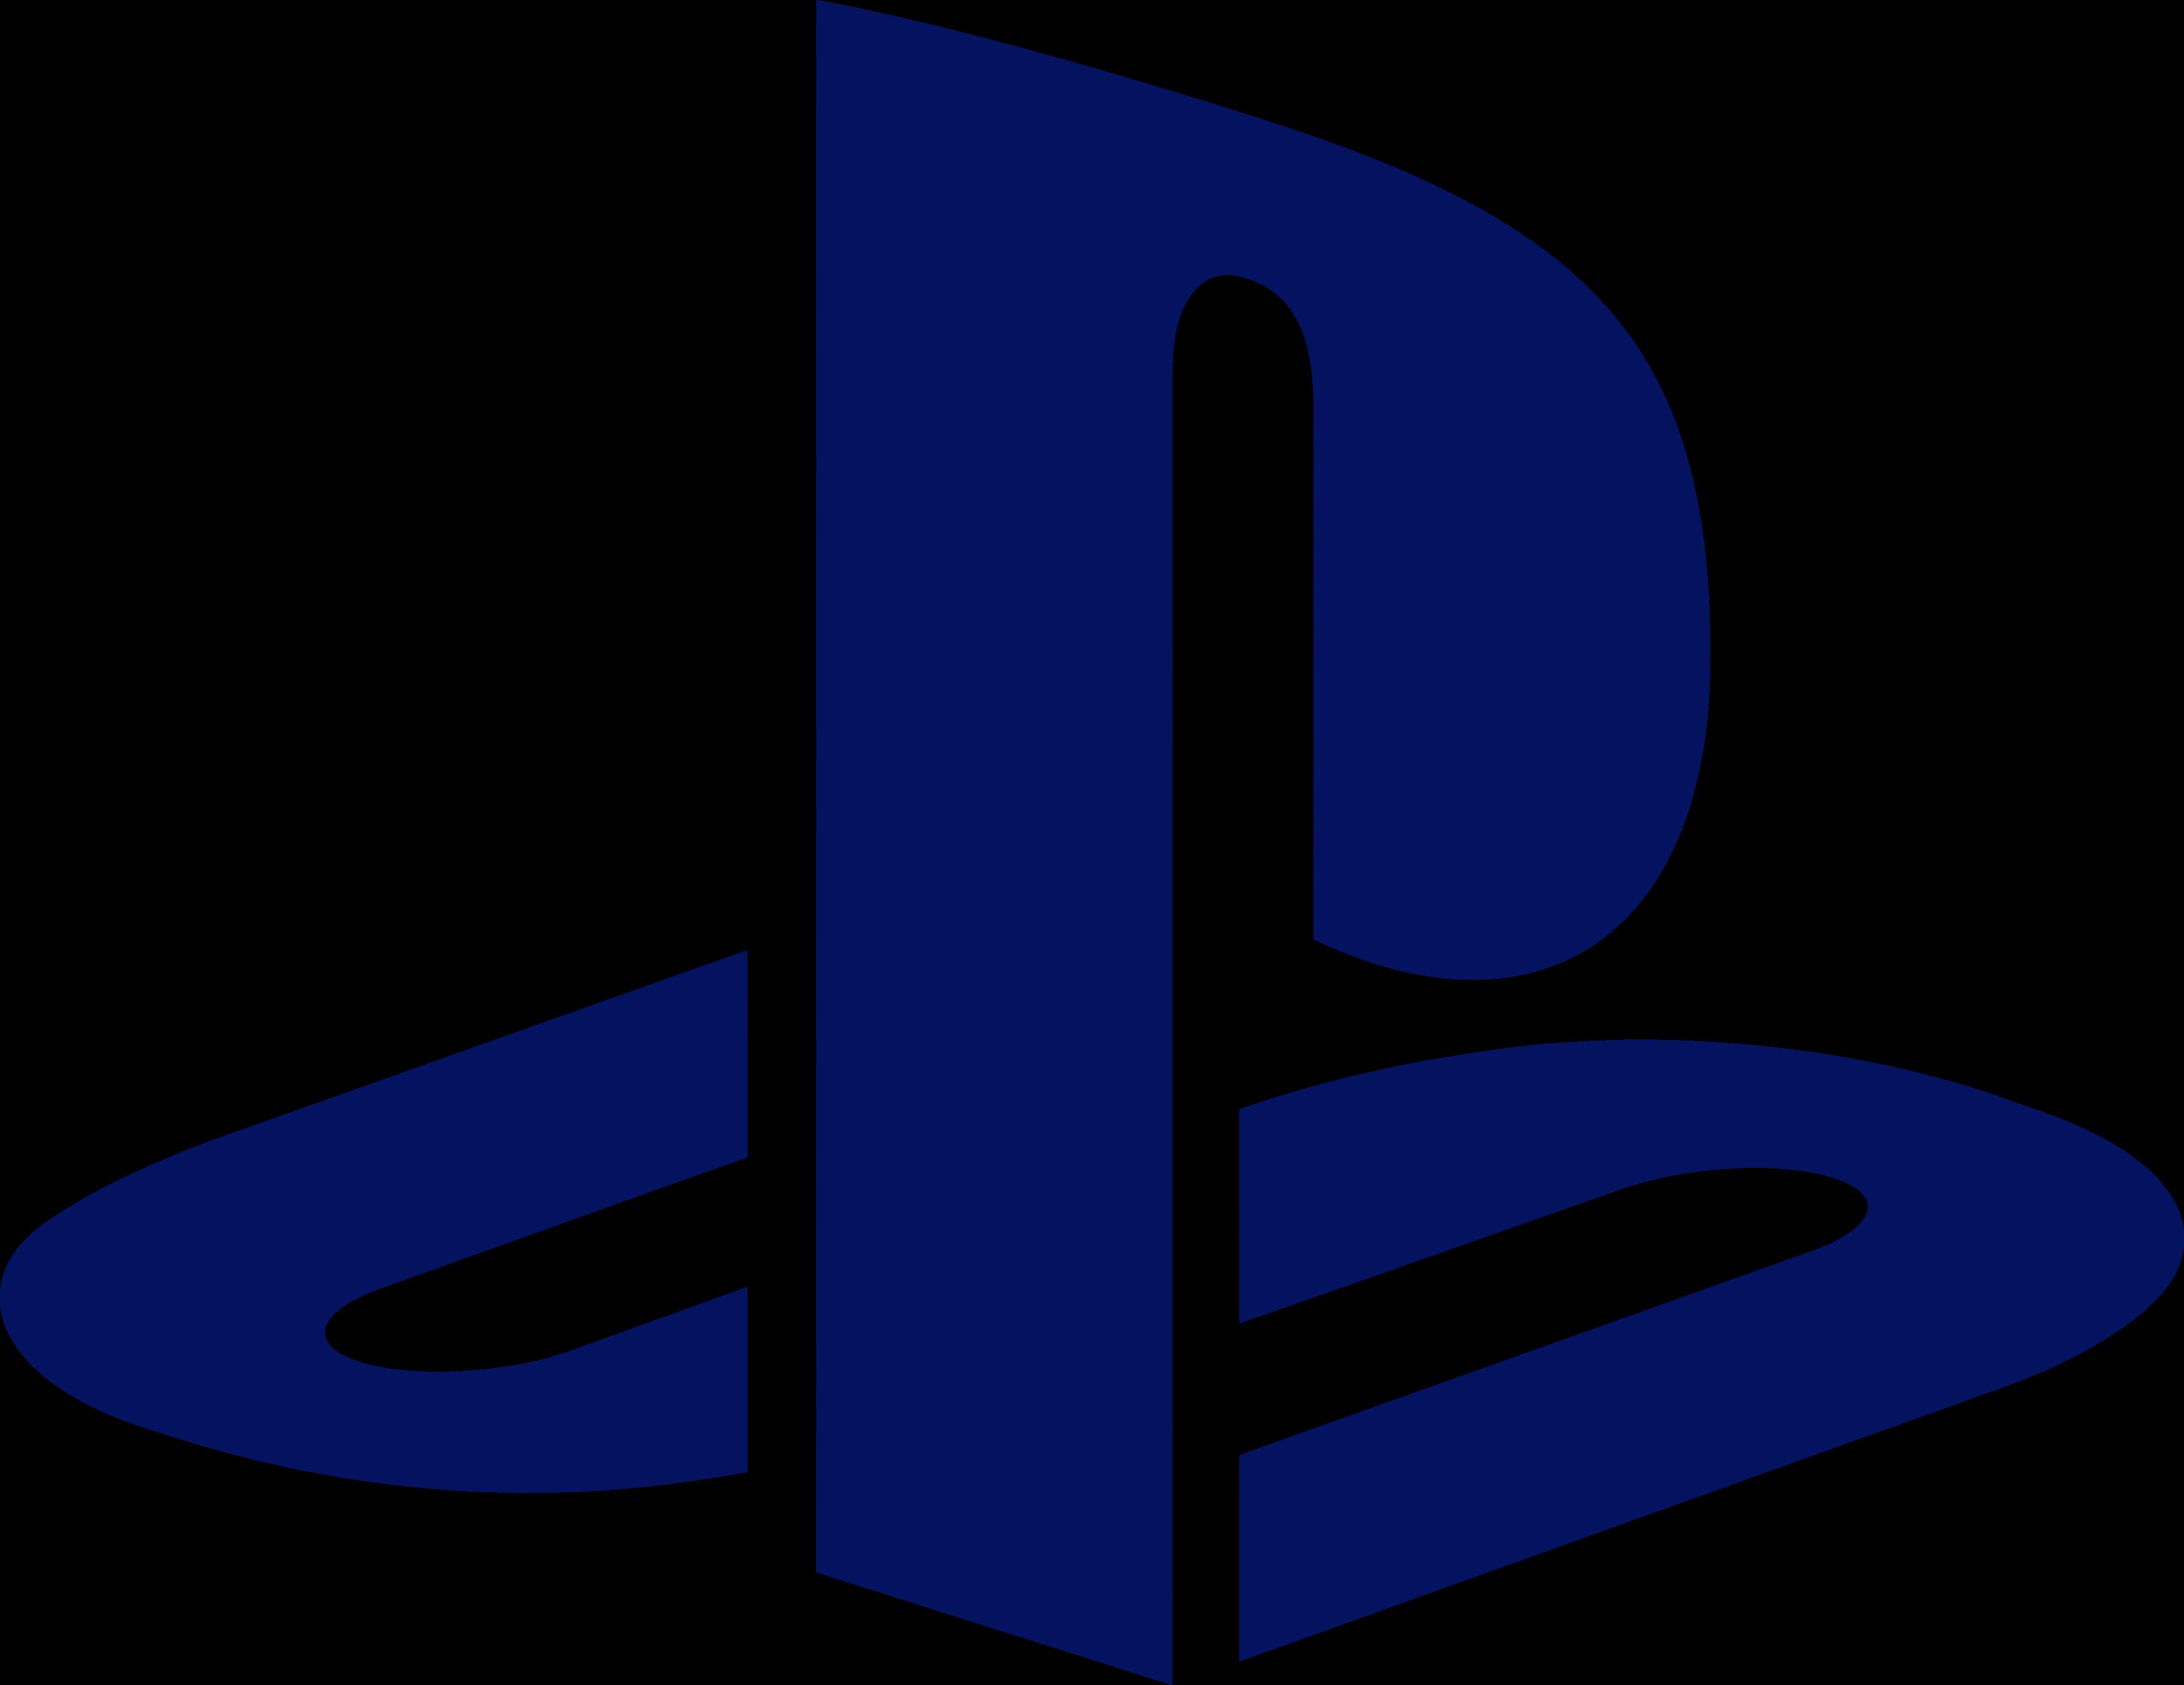 Playstation 4 Logo Ndash Ps4 Logodownloadorg Download.